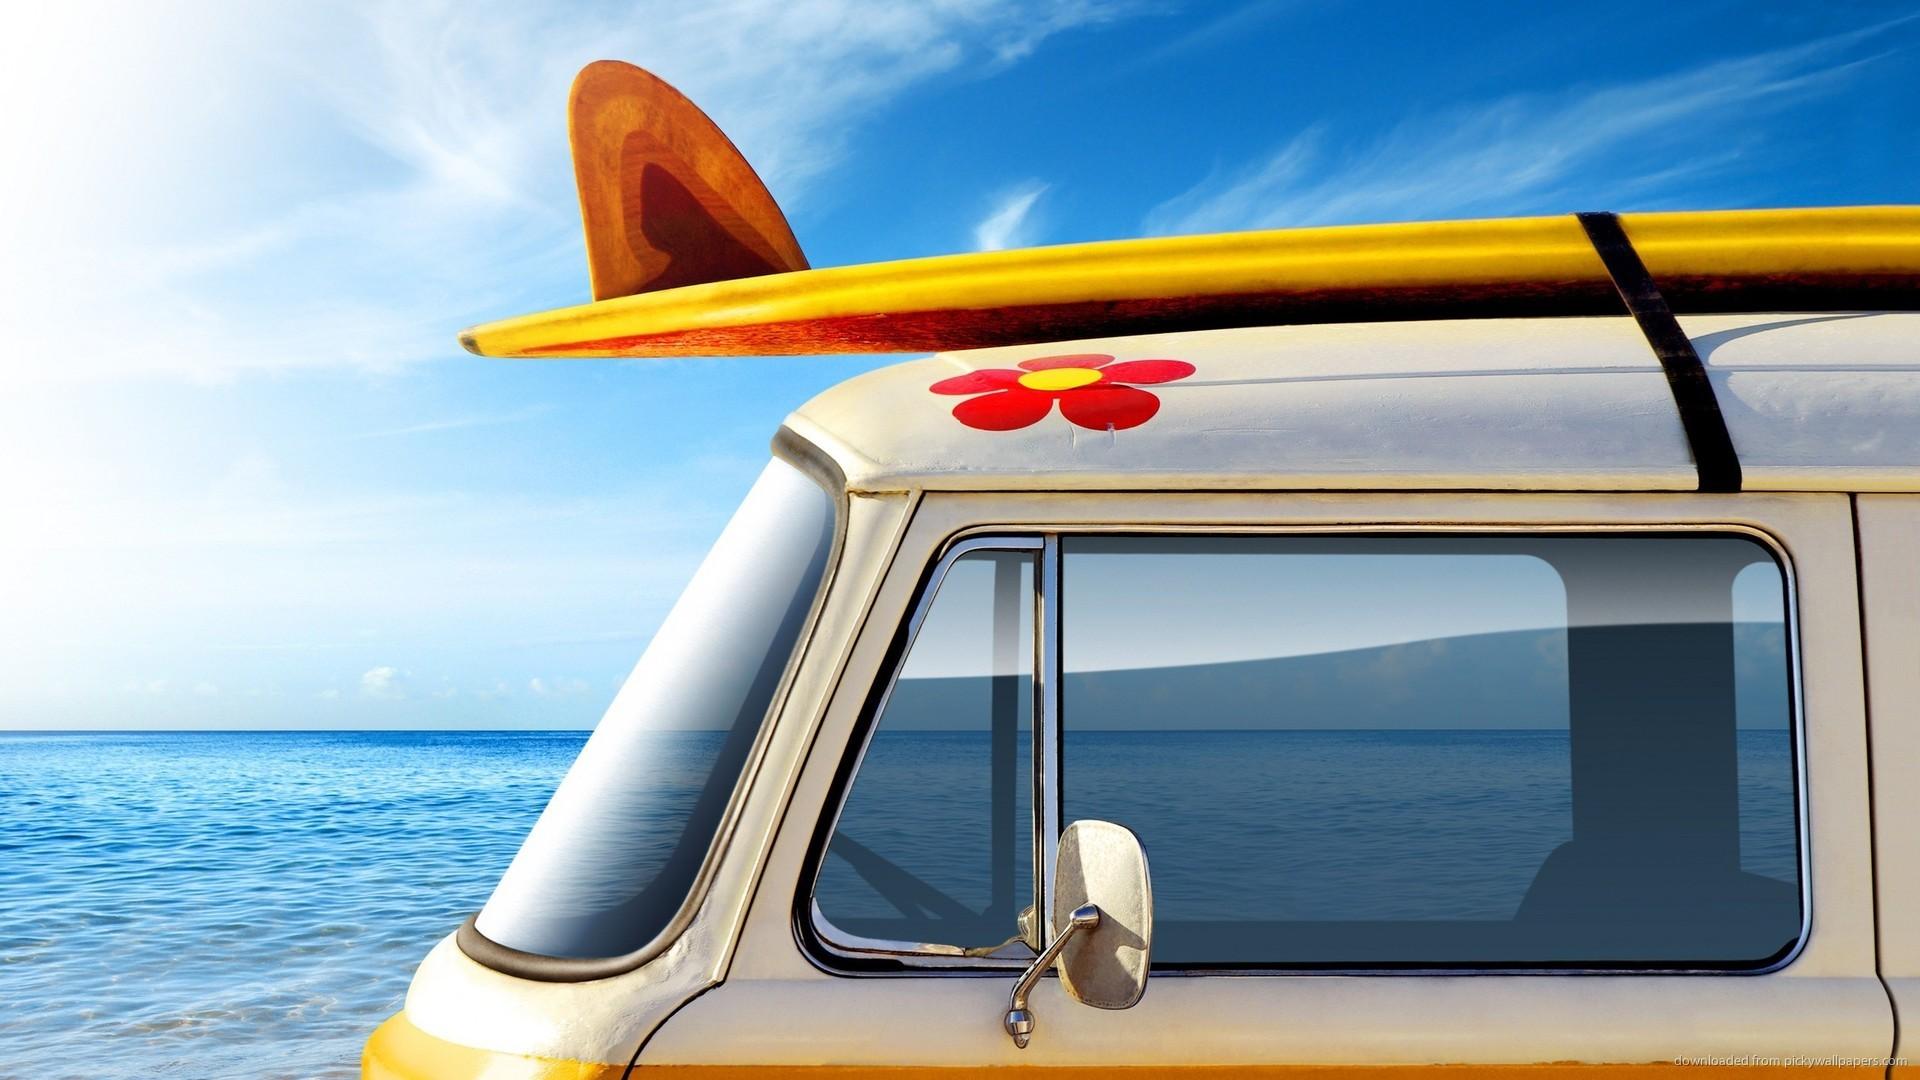 Volkswagen surf van picture